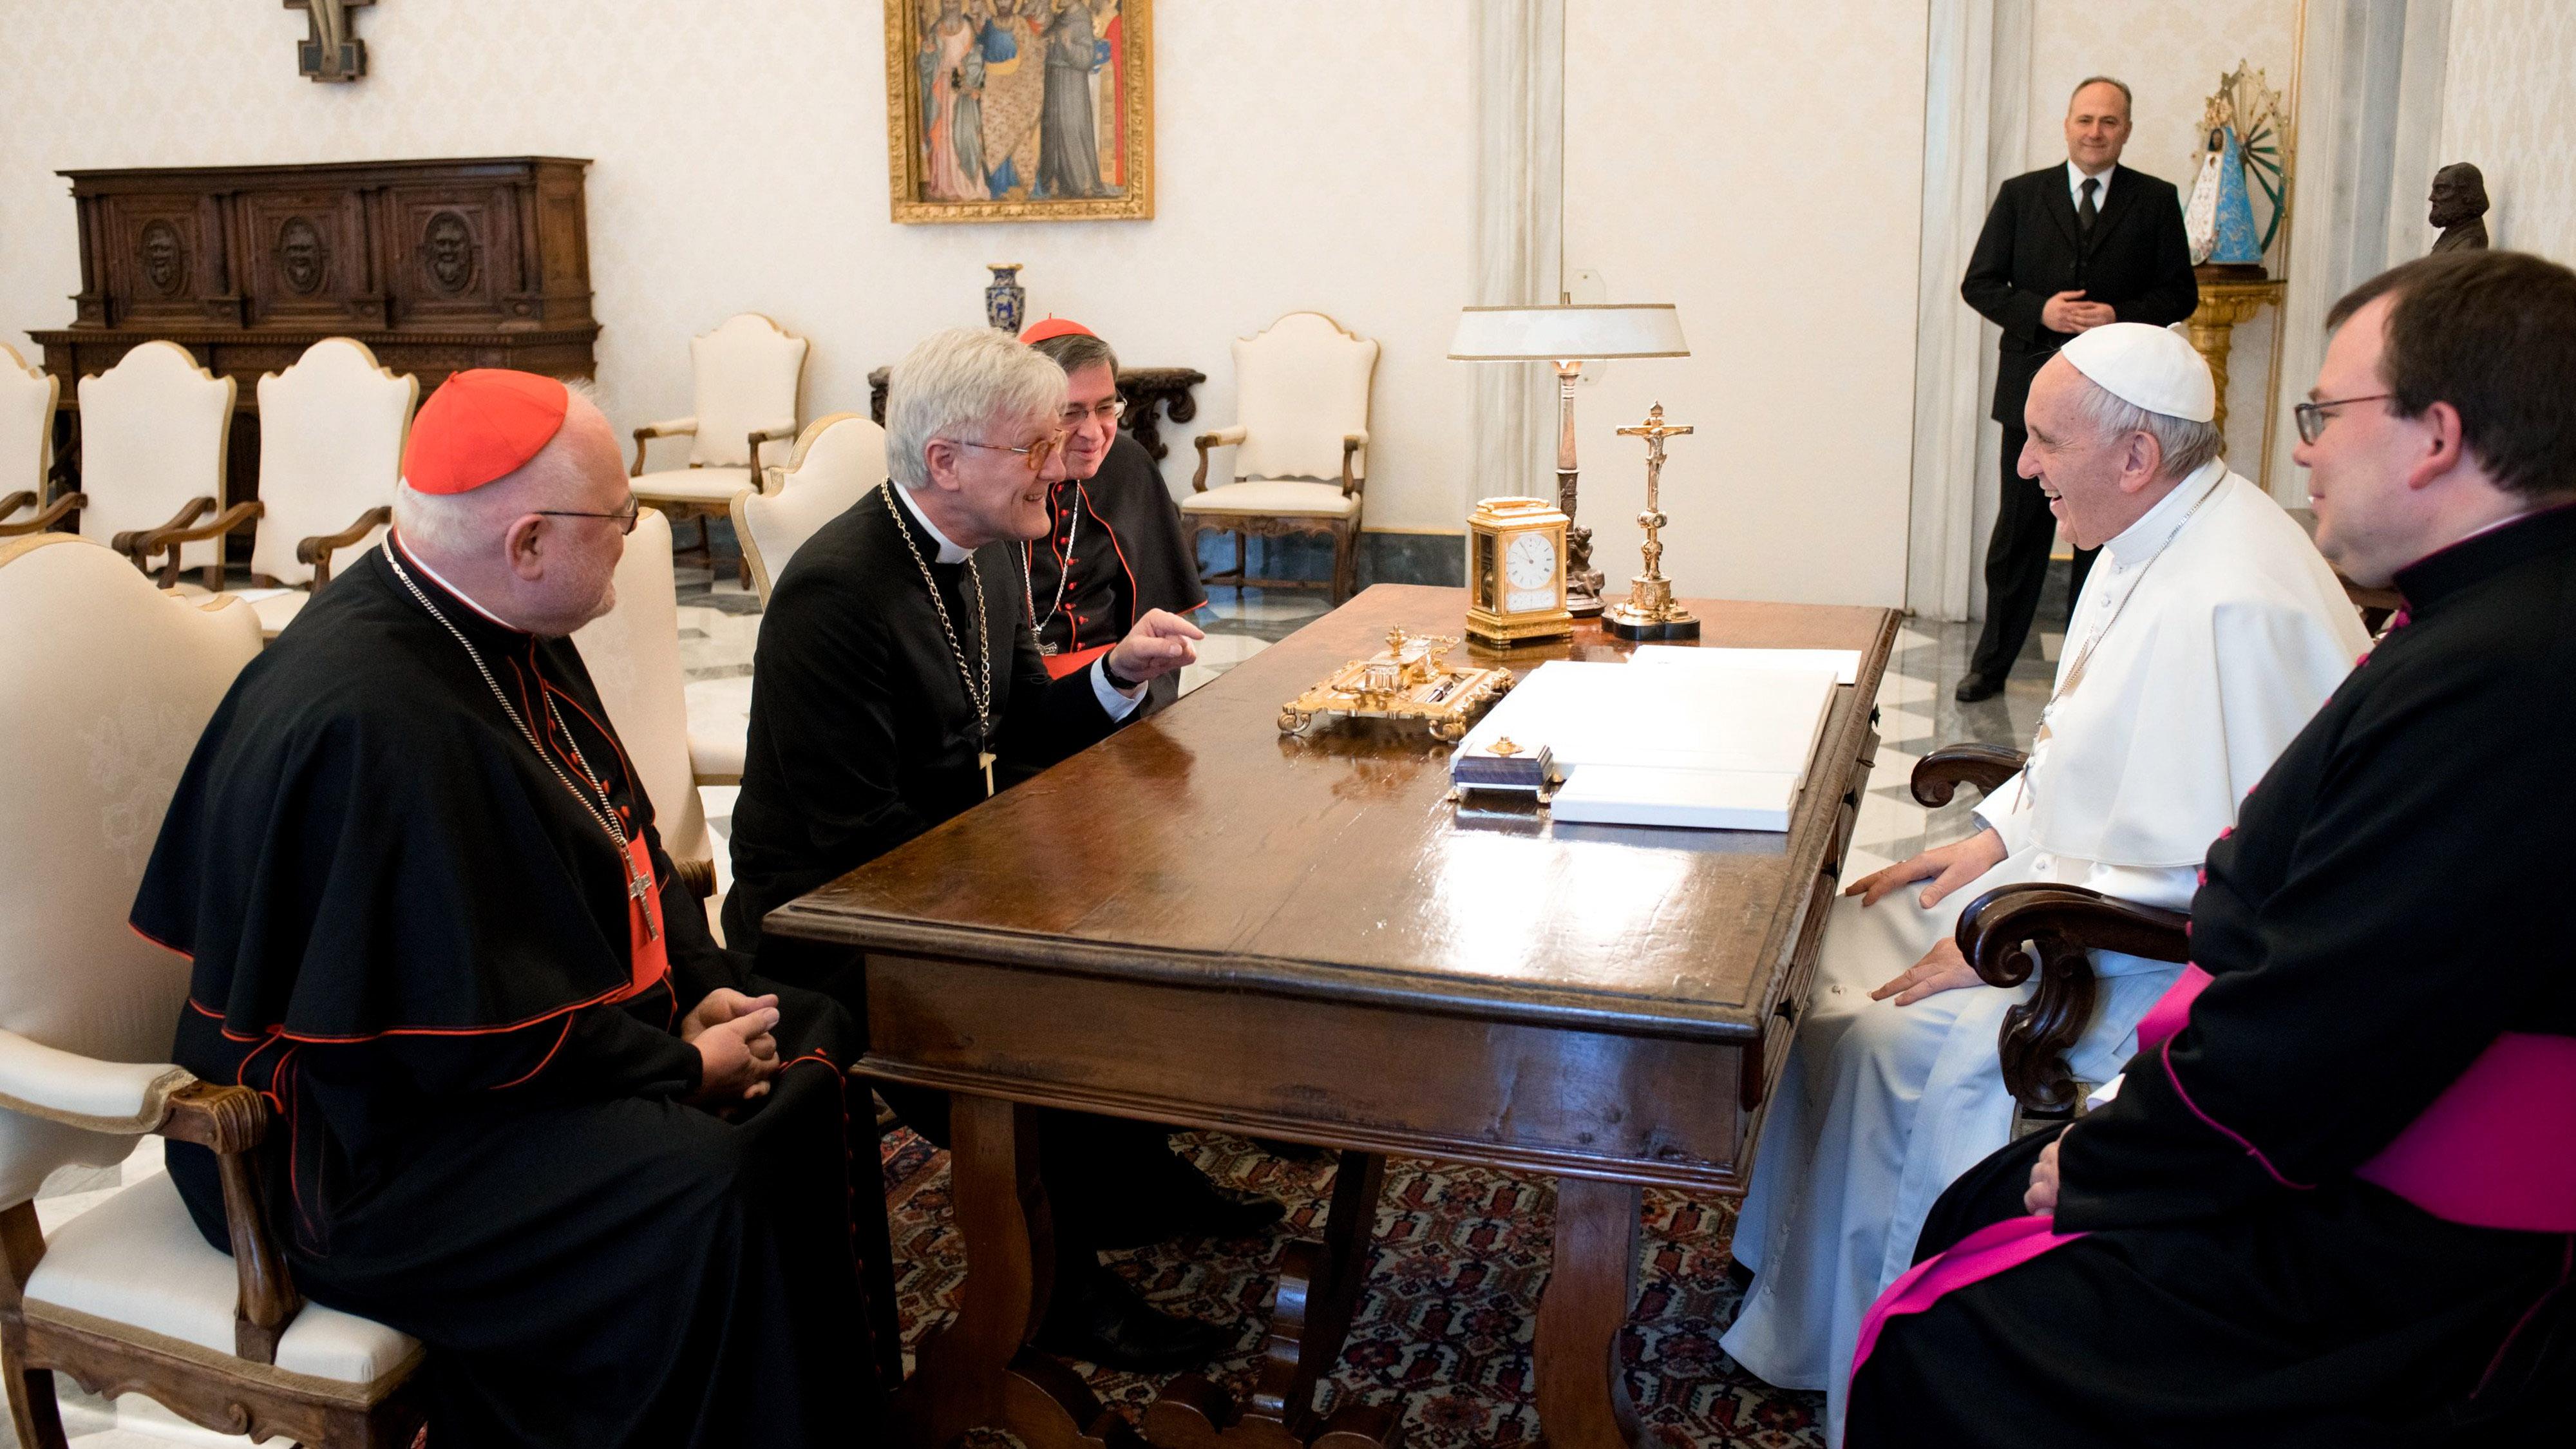 Das Treffen von Papst Franziskus und dem EKD-Ratsvorsitzenden, Landesbischof Heinrich Bedford-Strohm, in einer Privataudienz war von Herzlichkeit geprägt